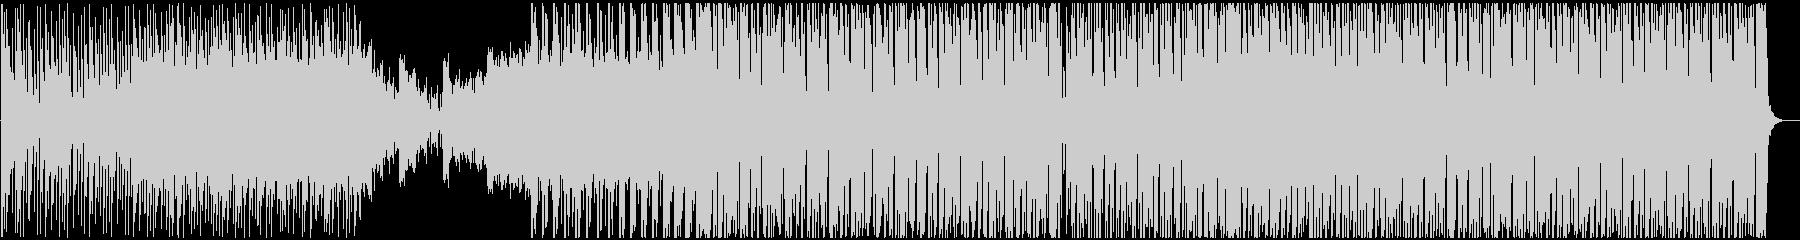 壮大で綺麗めなドラムンベースBGMの未再生の波形